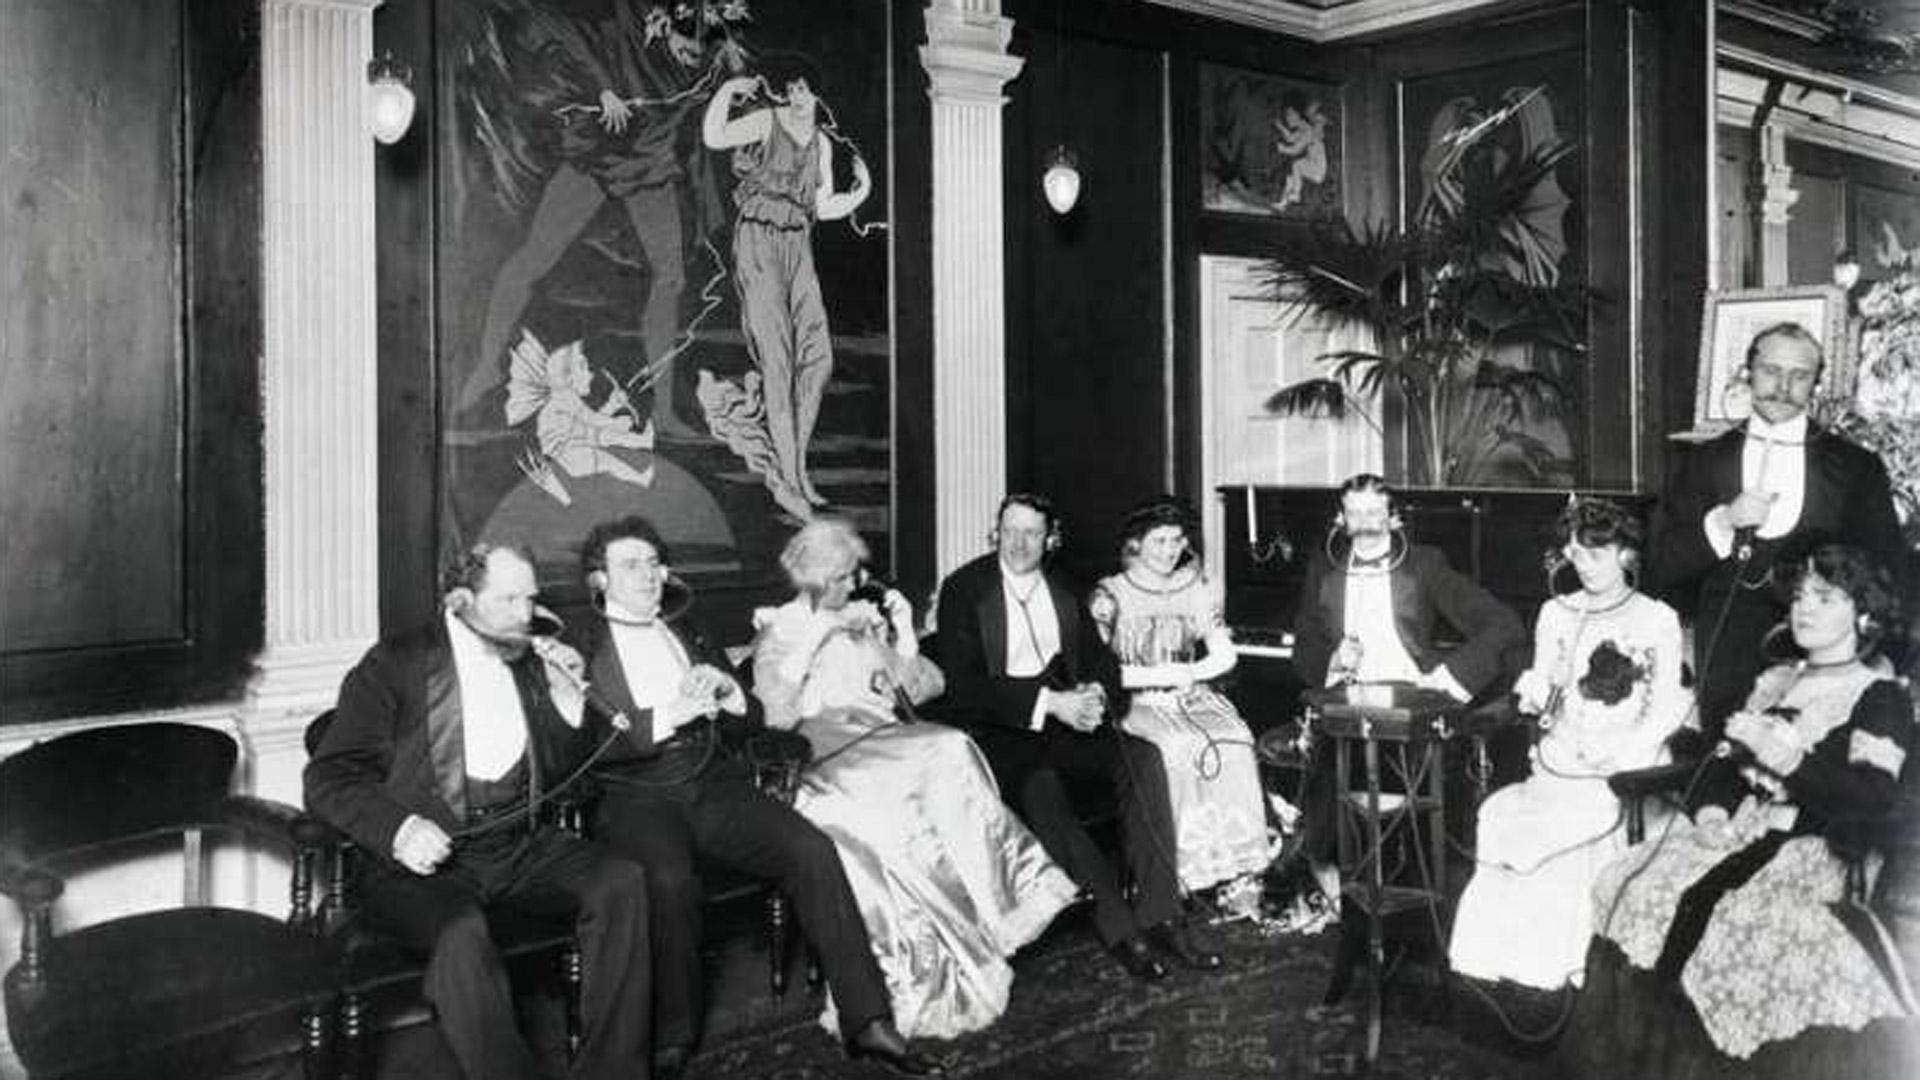 Спотифай XIX века: как королева Виктория слушала театр по телефону - 6